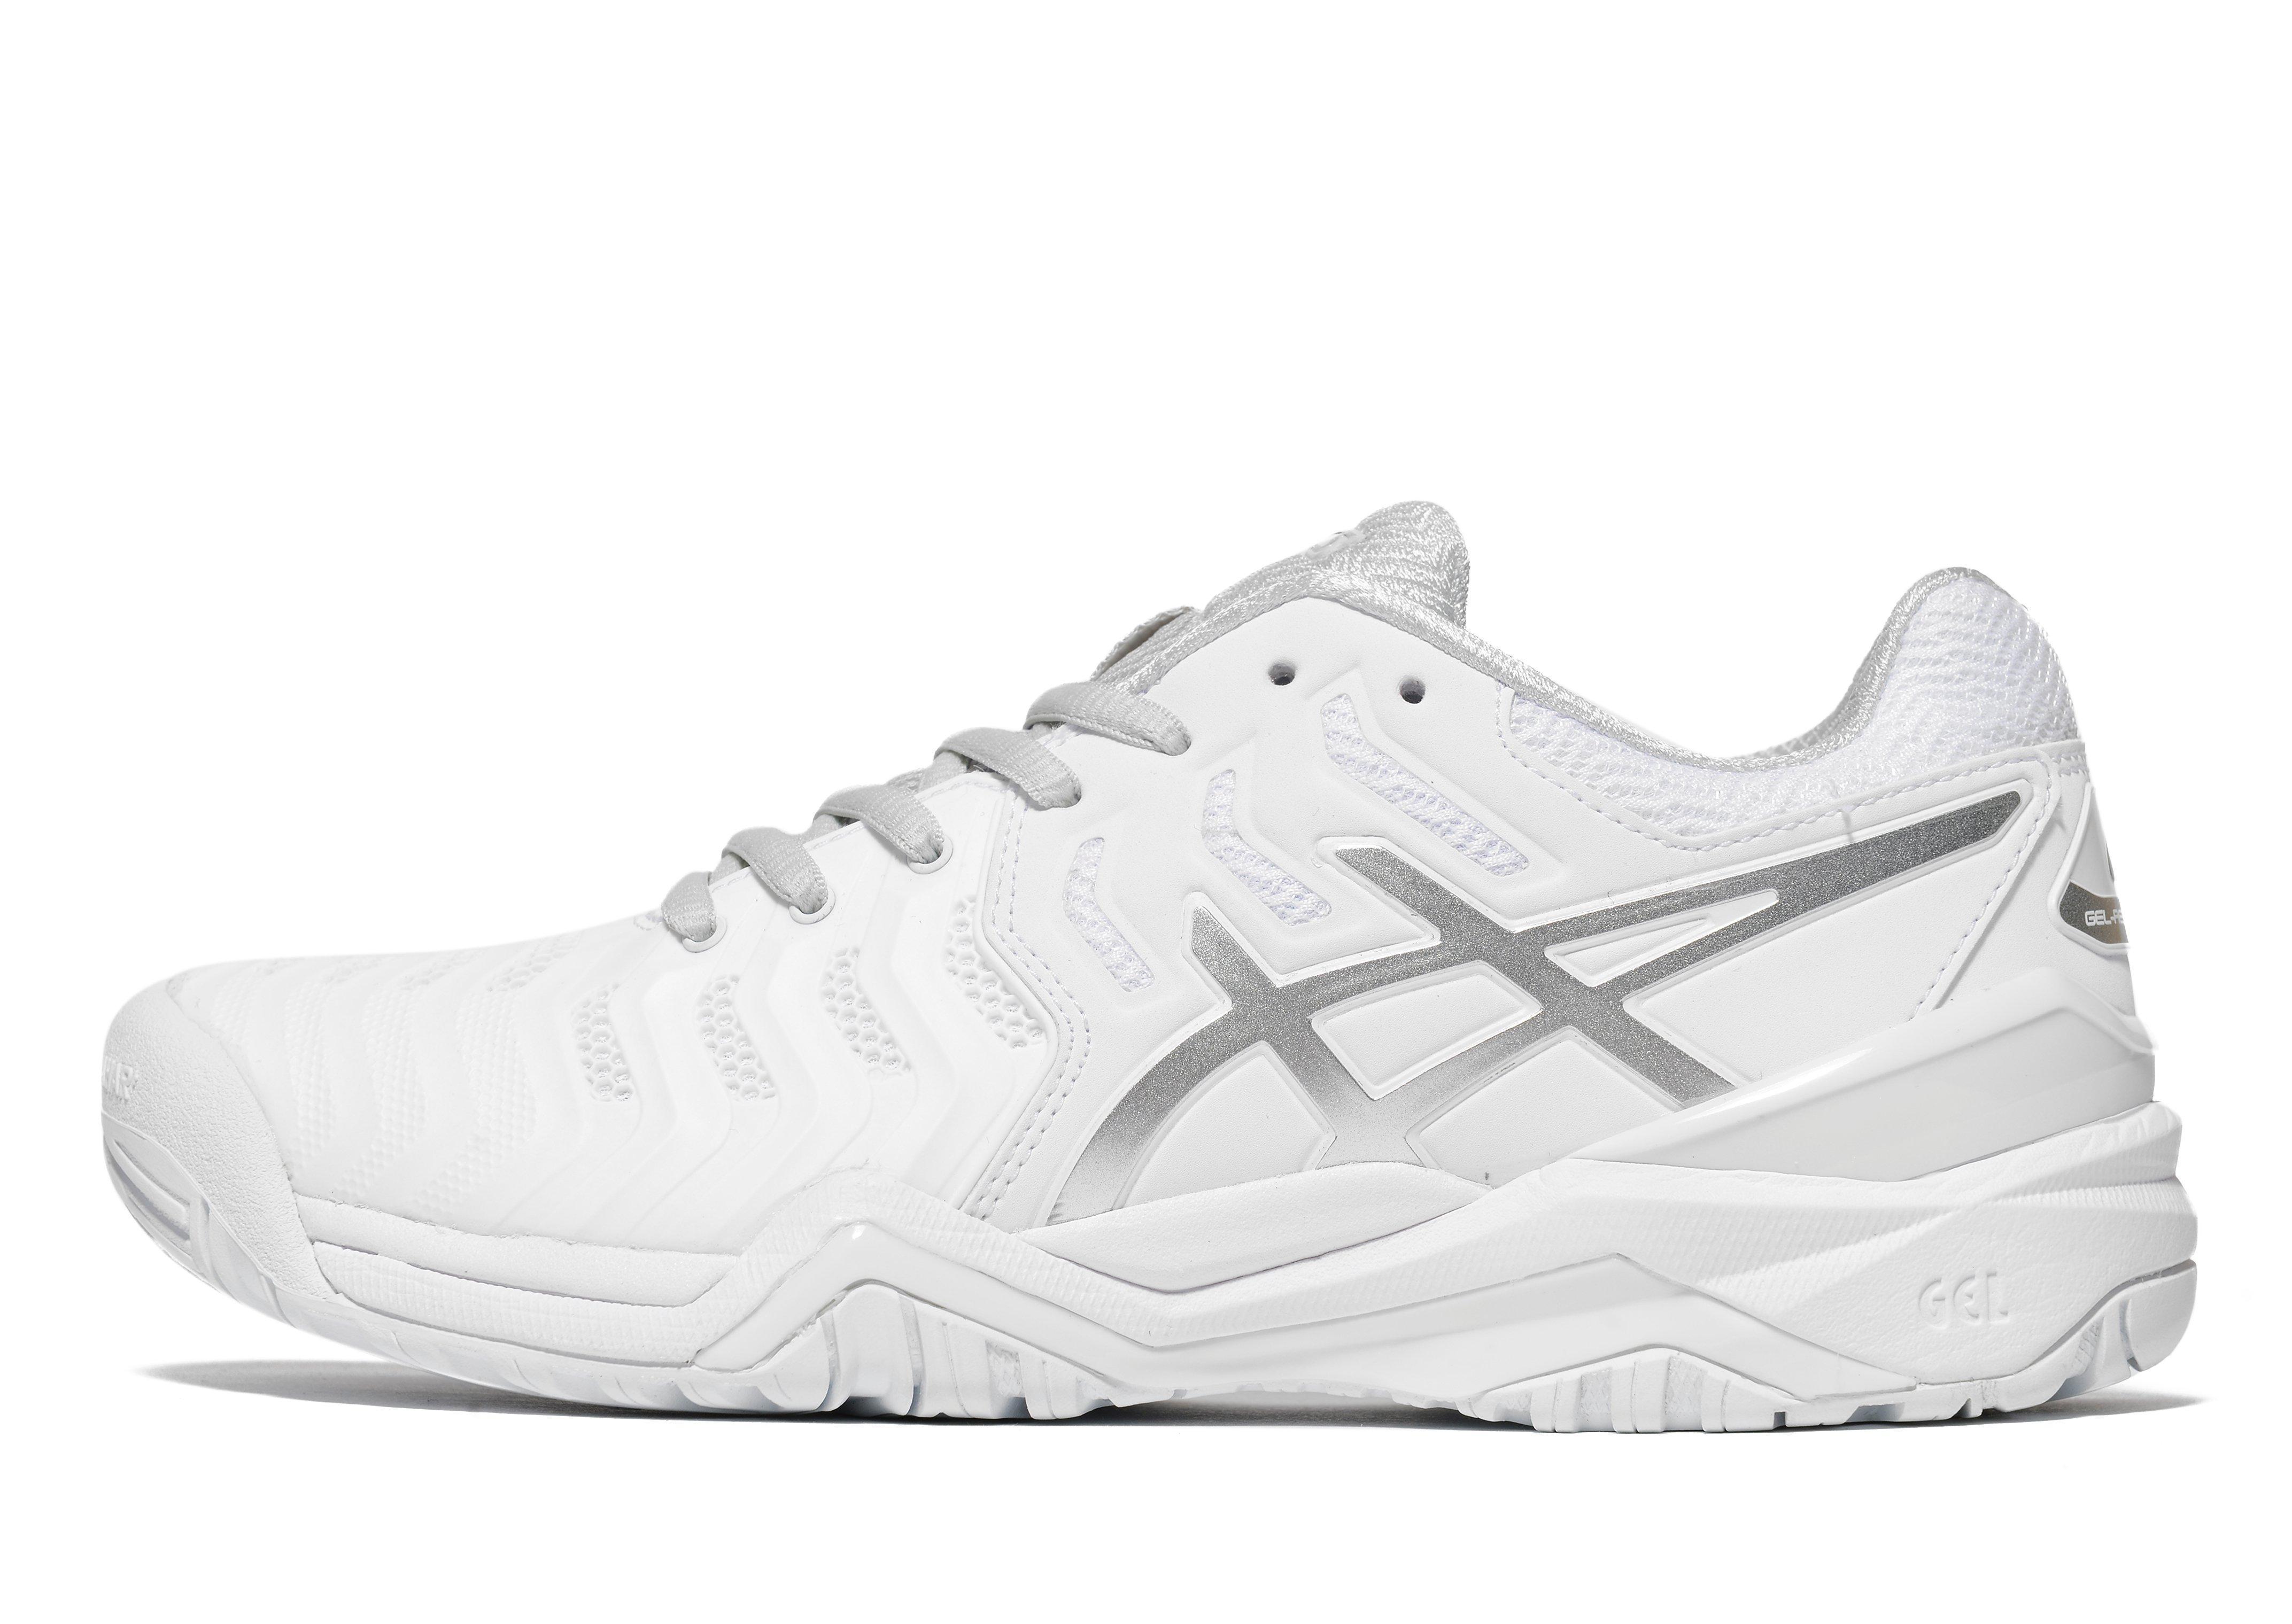 9c99369f399 Asics Gel-resolution 7 Tennis in White for Men - Lyst